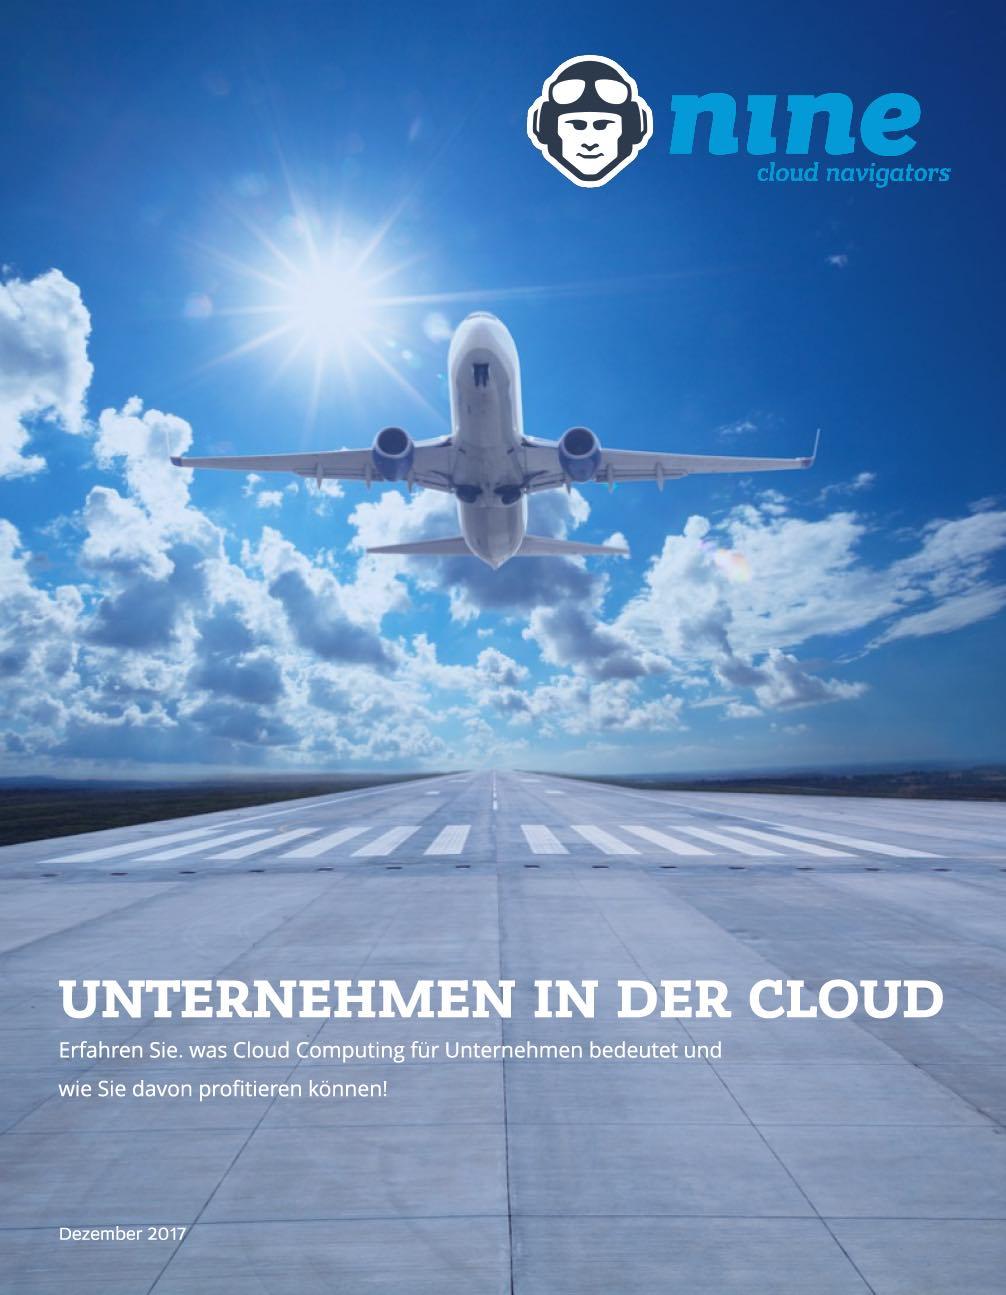 Unternehmen in der Cloud by nine.jpg